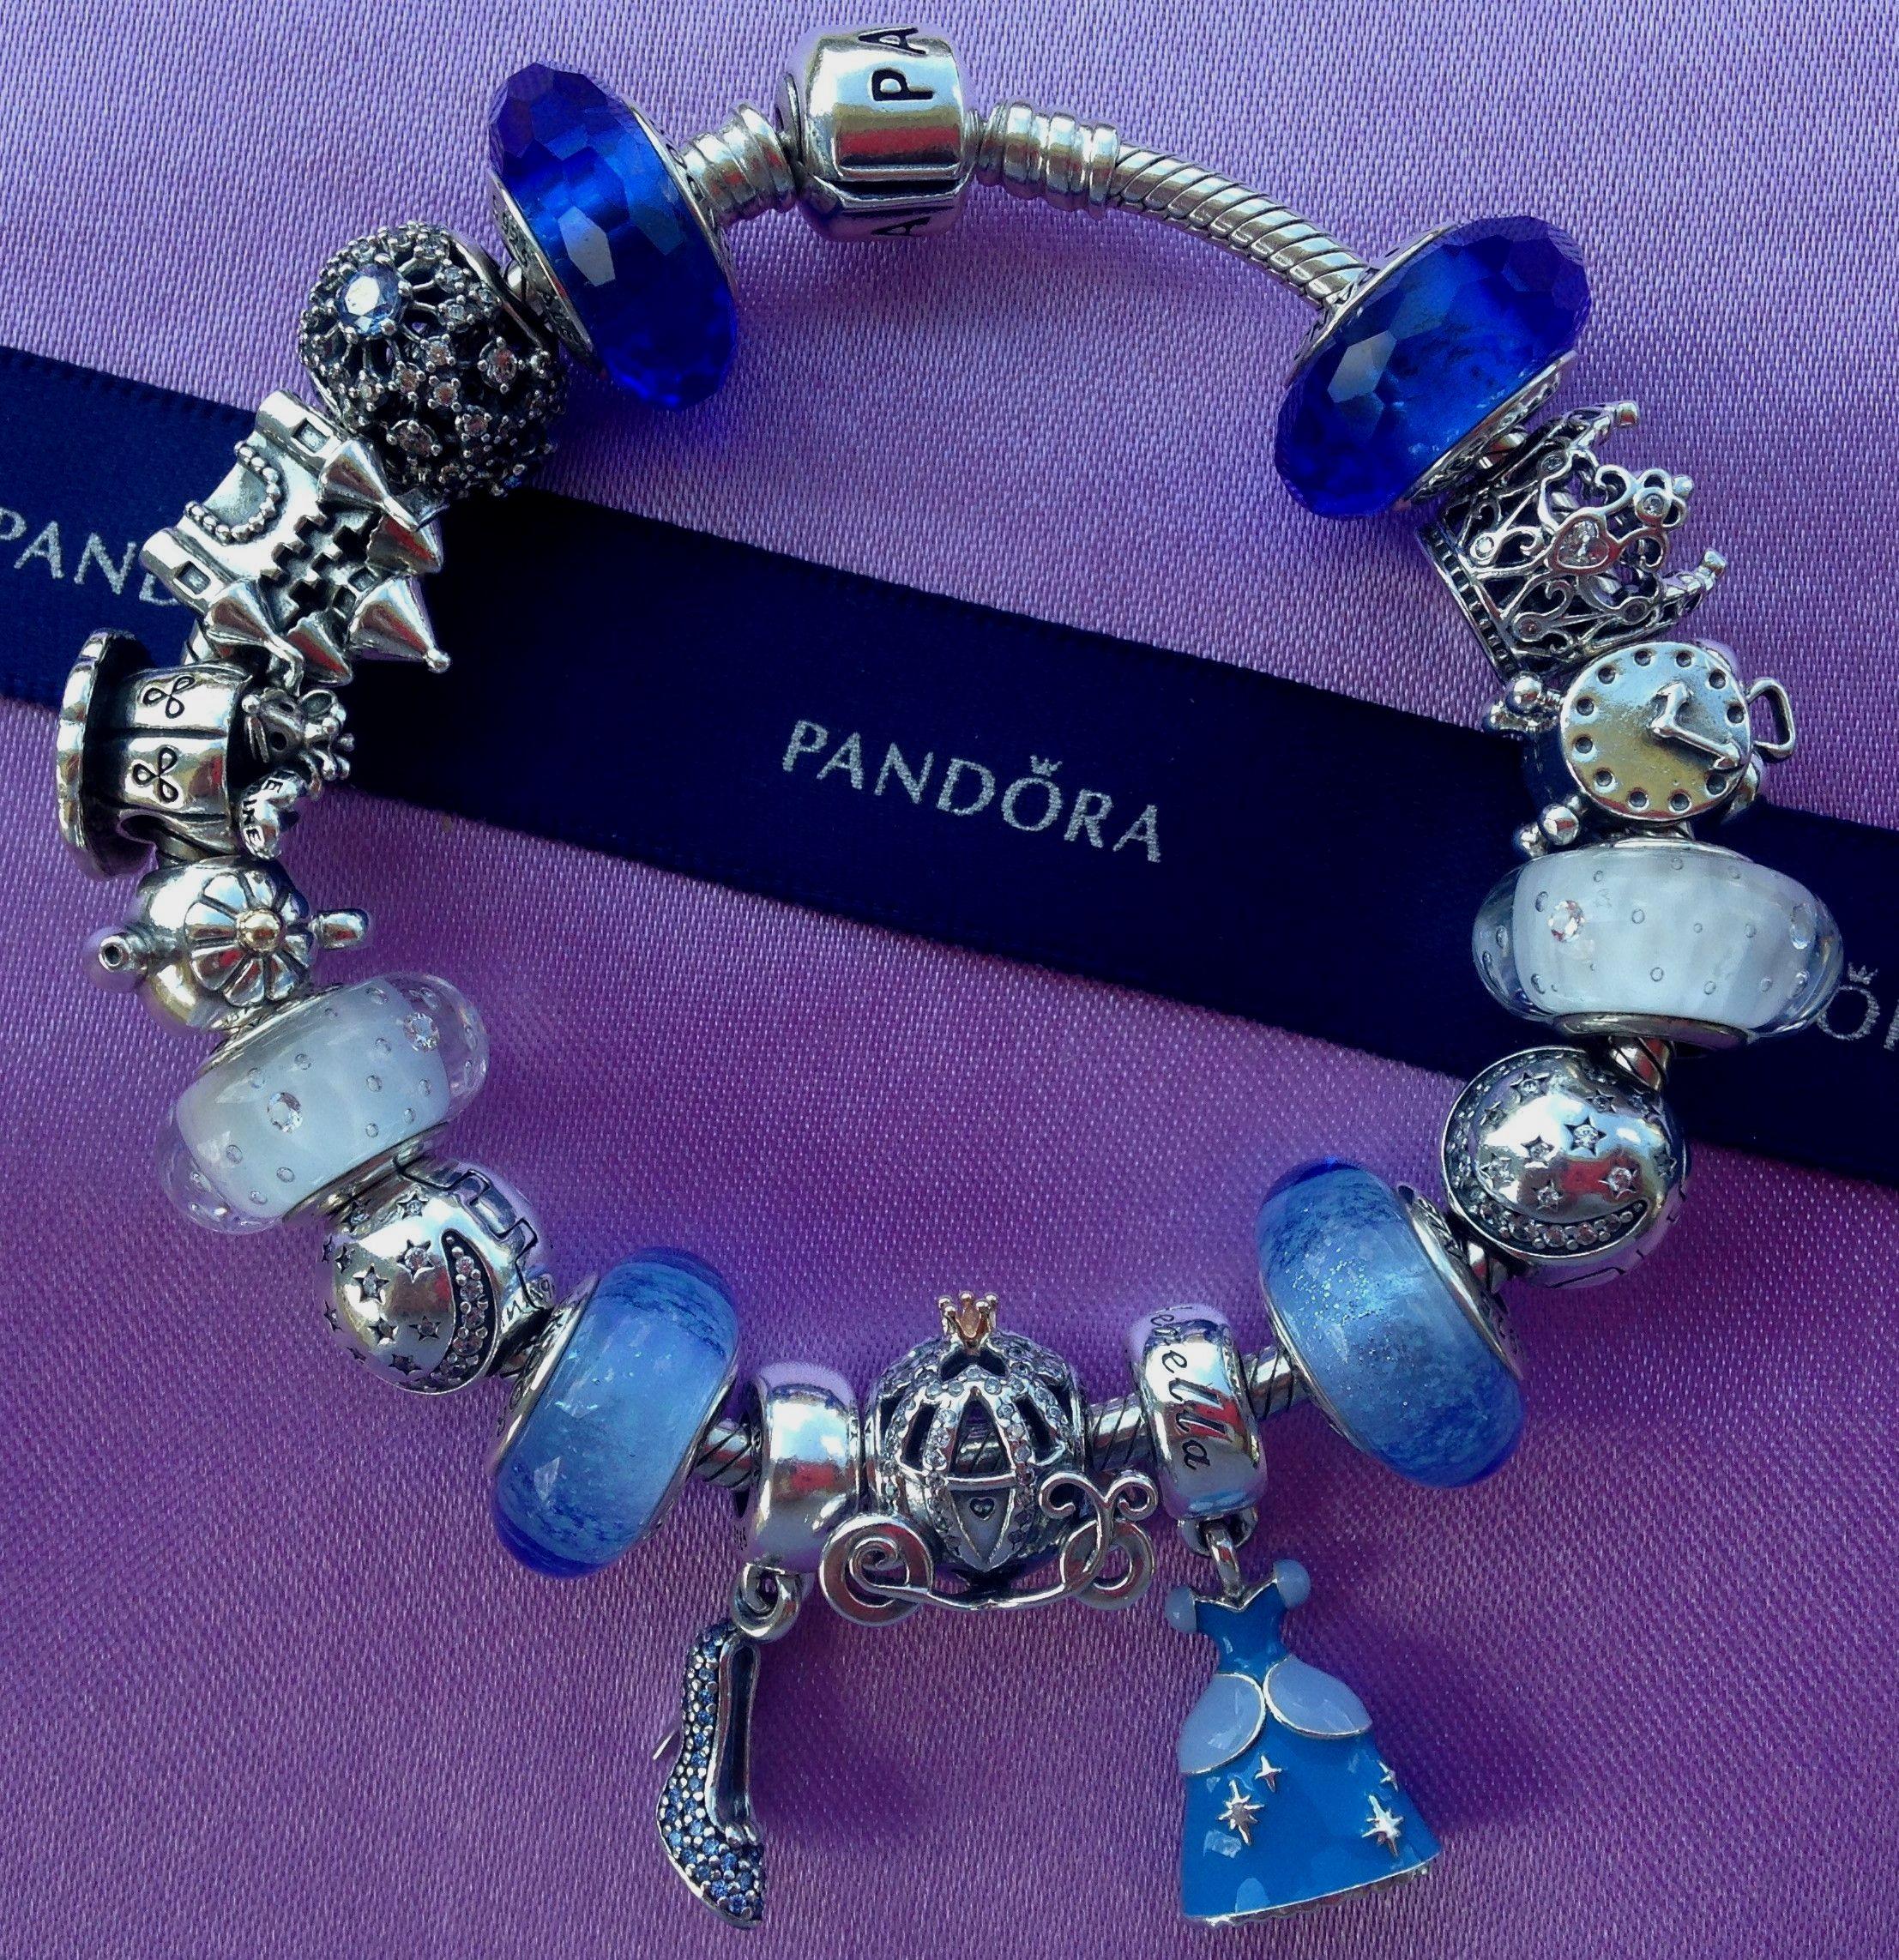 da9e8574572c6 genuine pandora charms #pandorajewelry | Pandora in 2019 | Disney ...